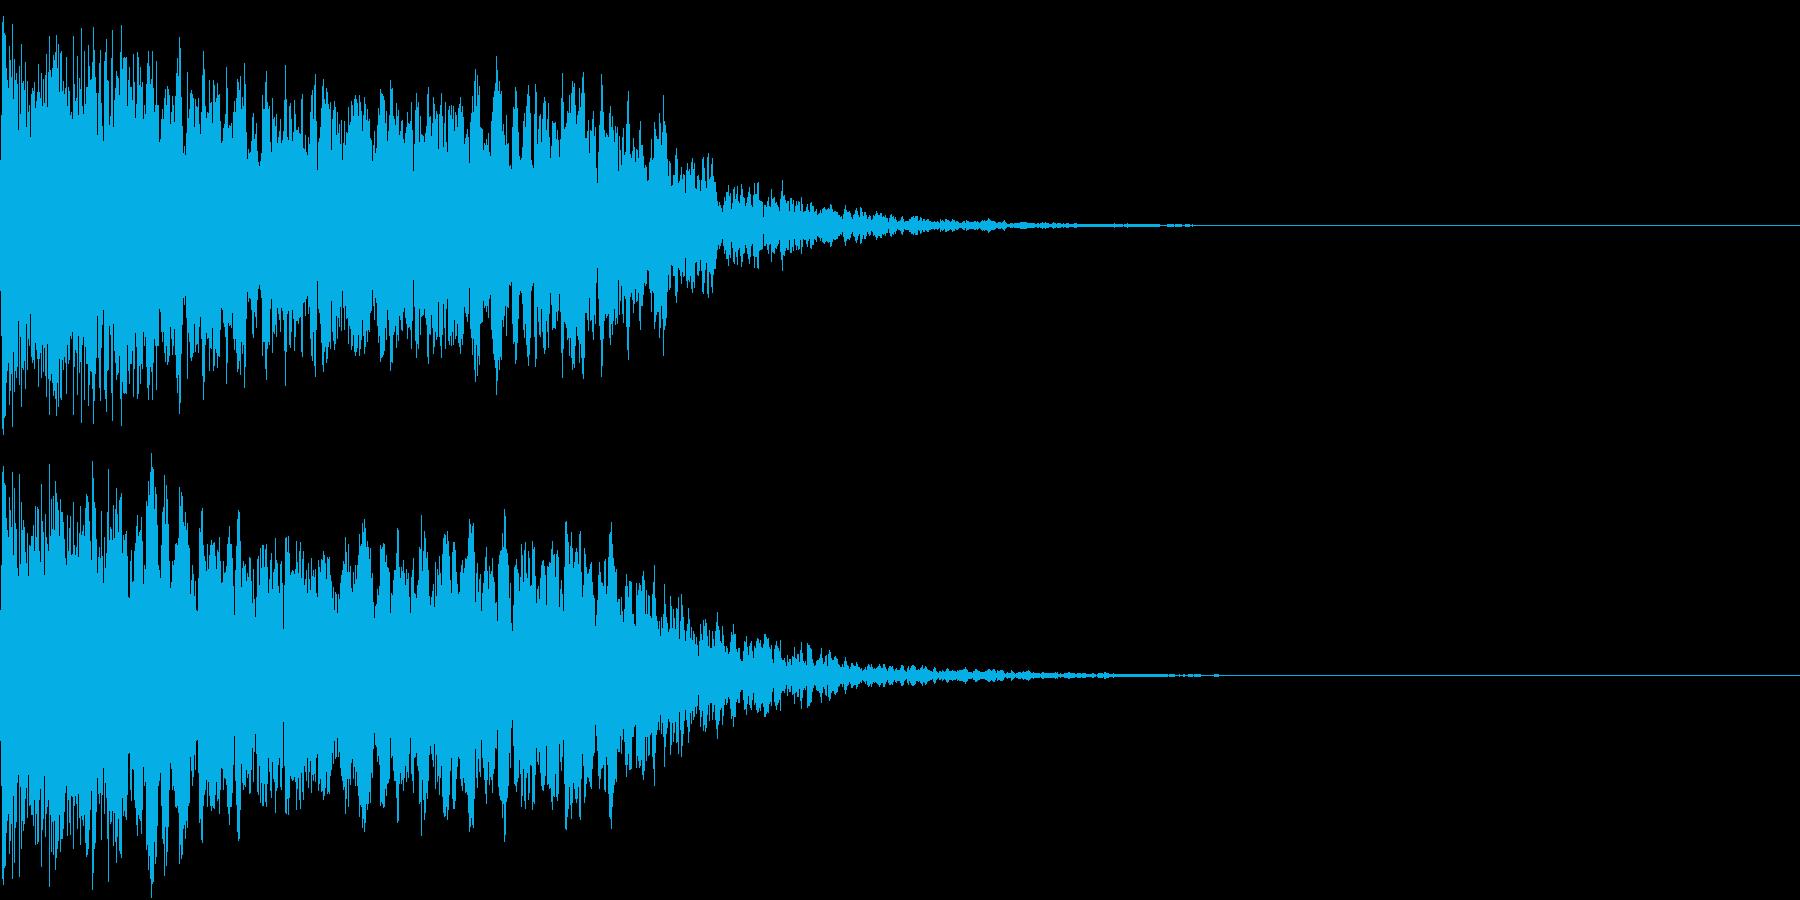 キュイン ギュイーン シャキーン 12の再生済みの波形